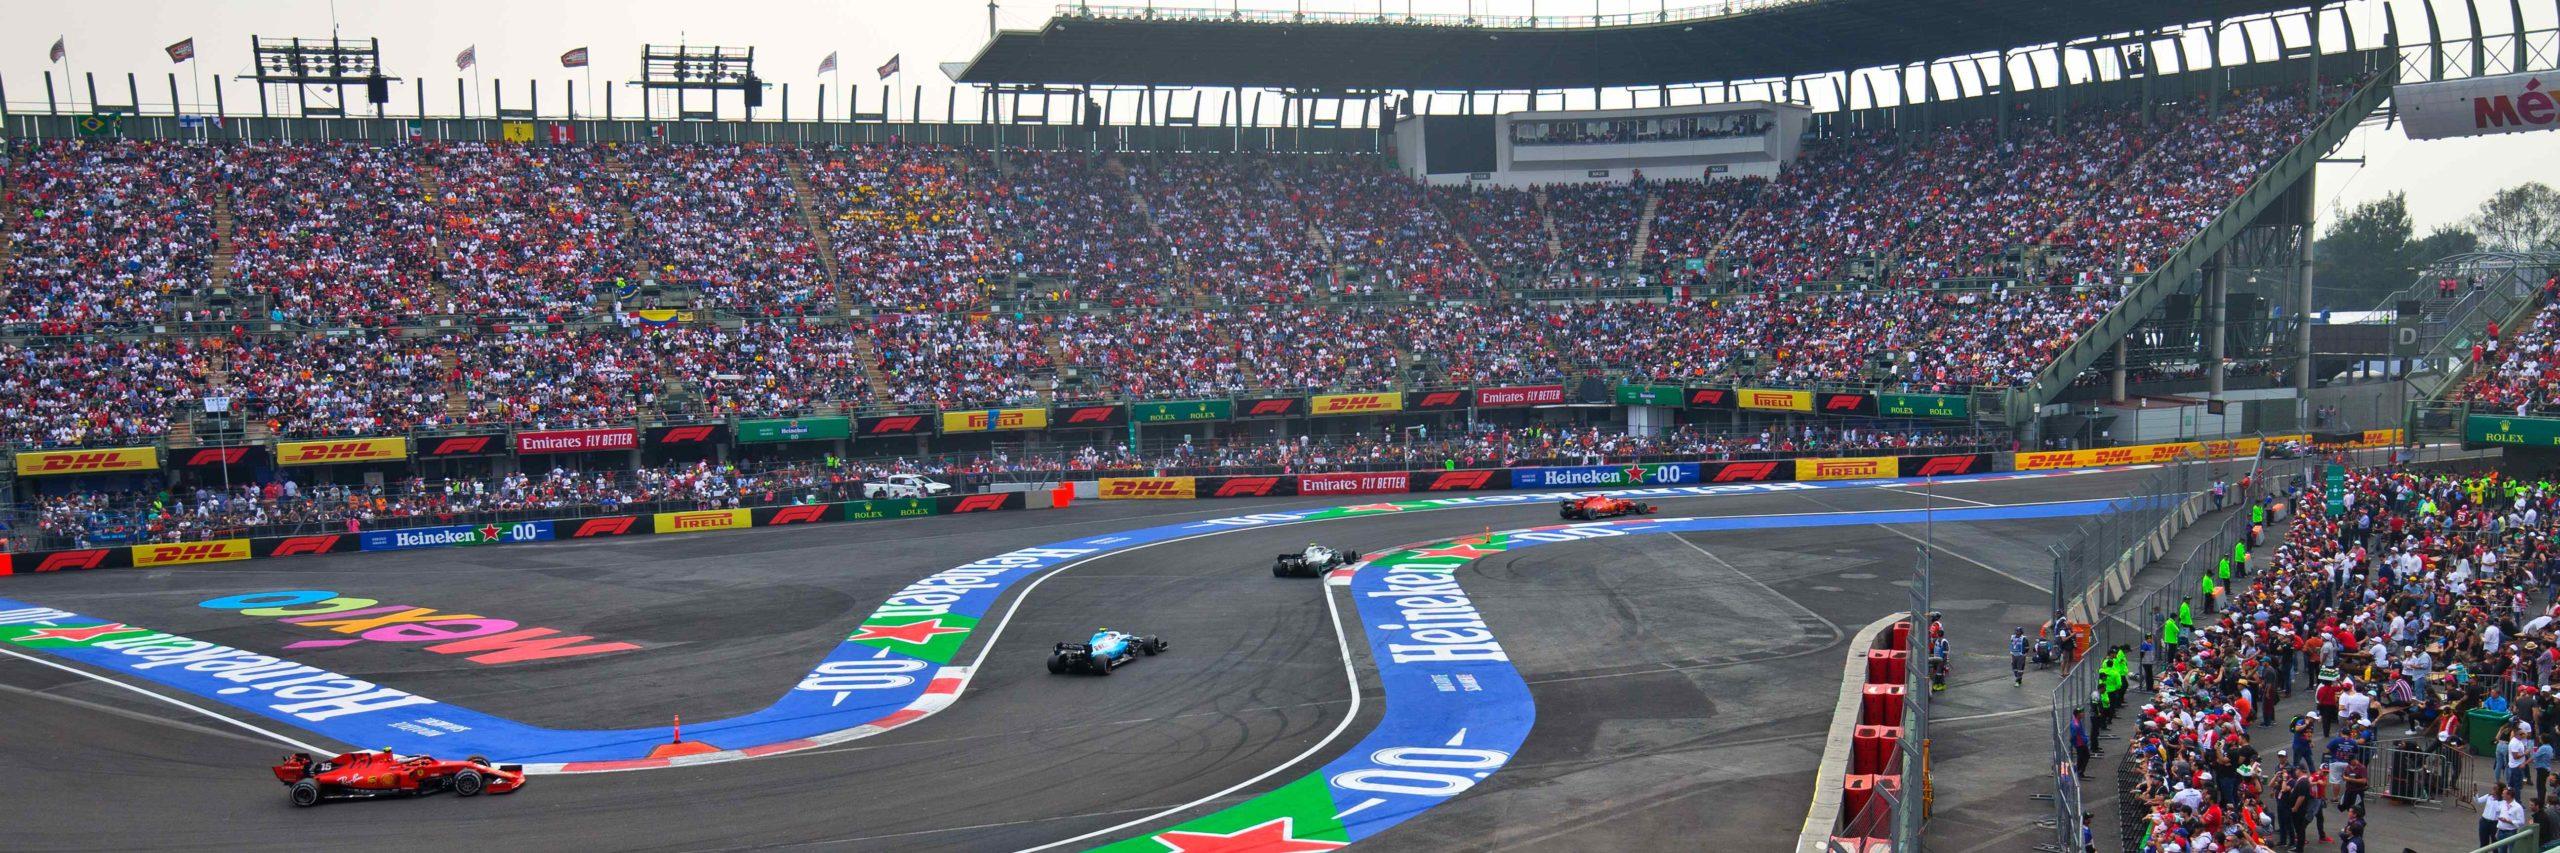 Formula 1 slide 2